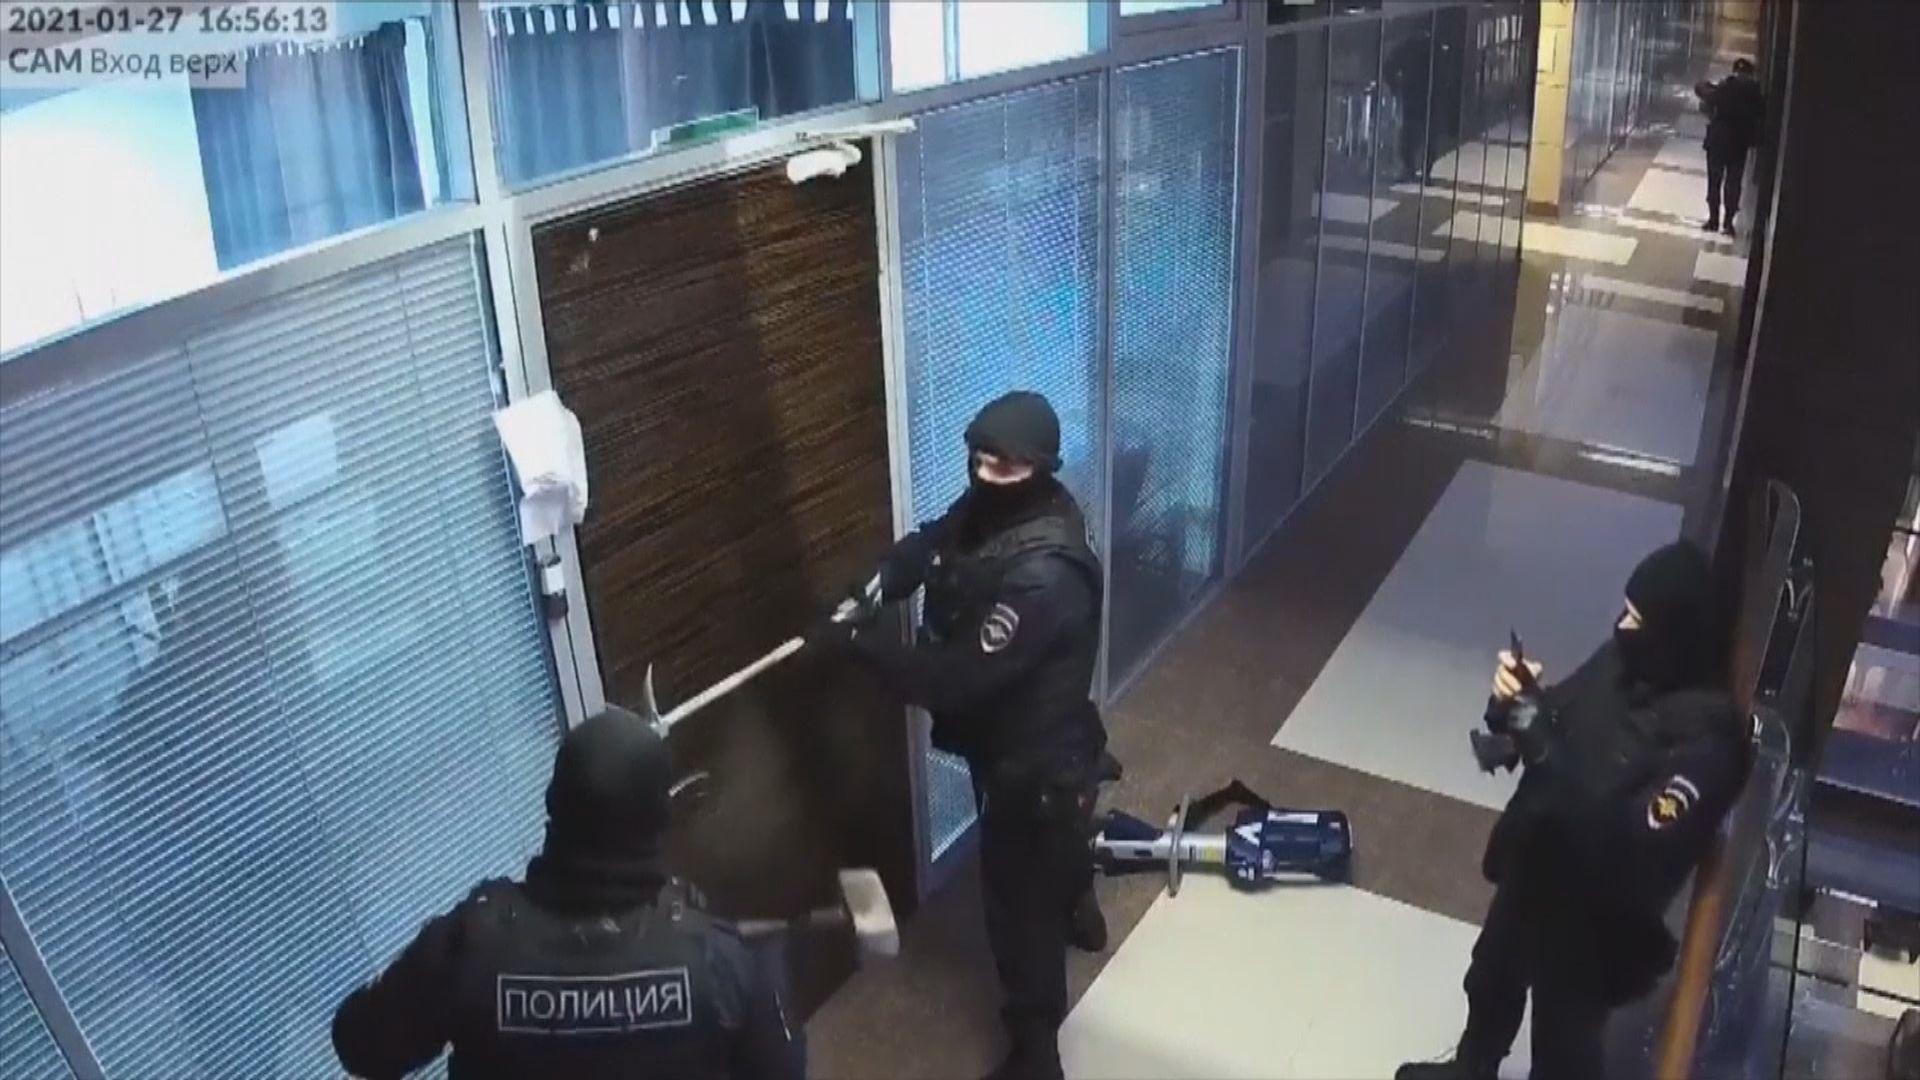 俄羅斯對反對派領袖納瓦爾尼盟友展開刑事調查